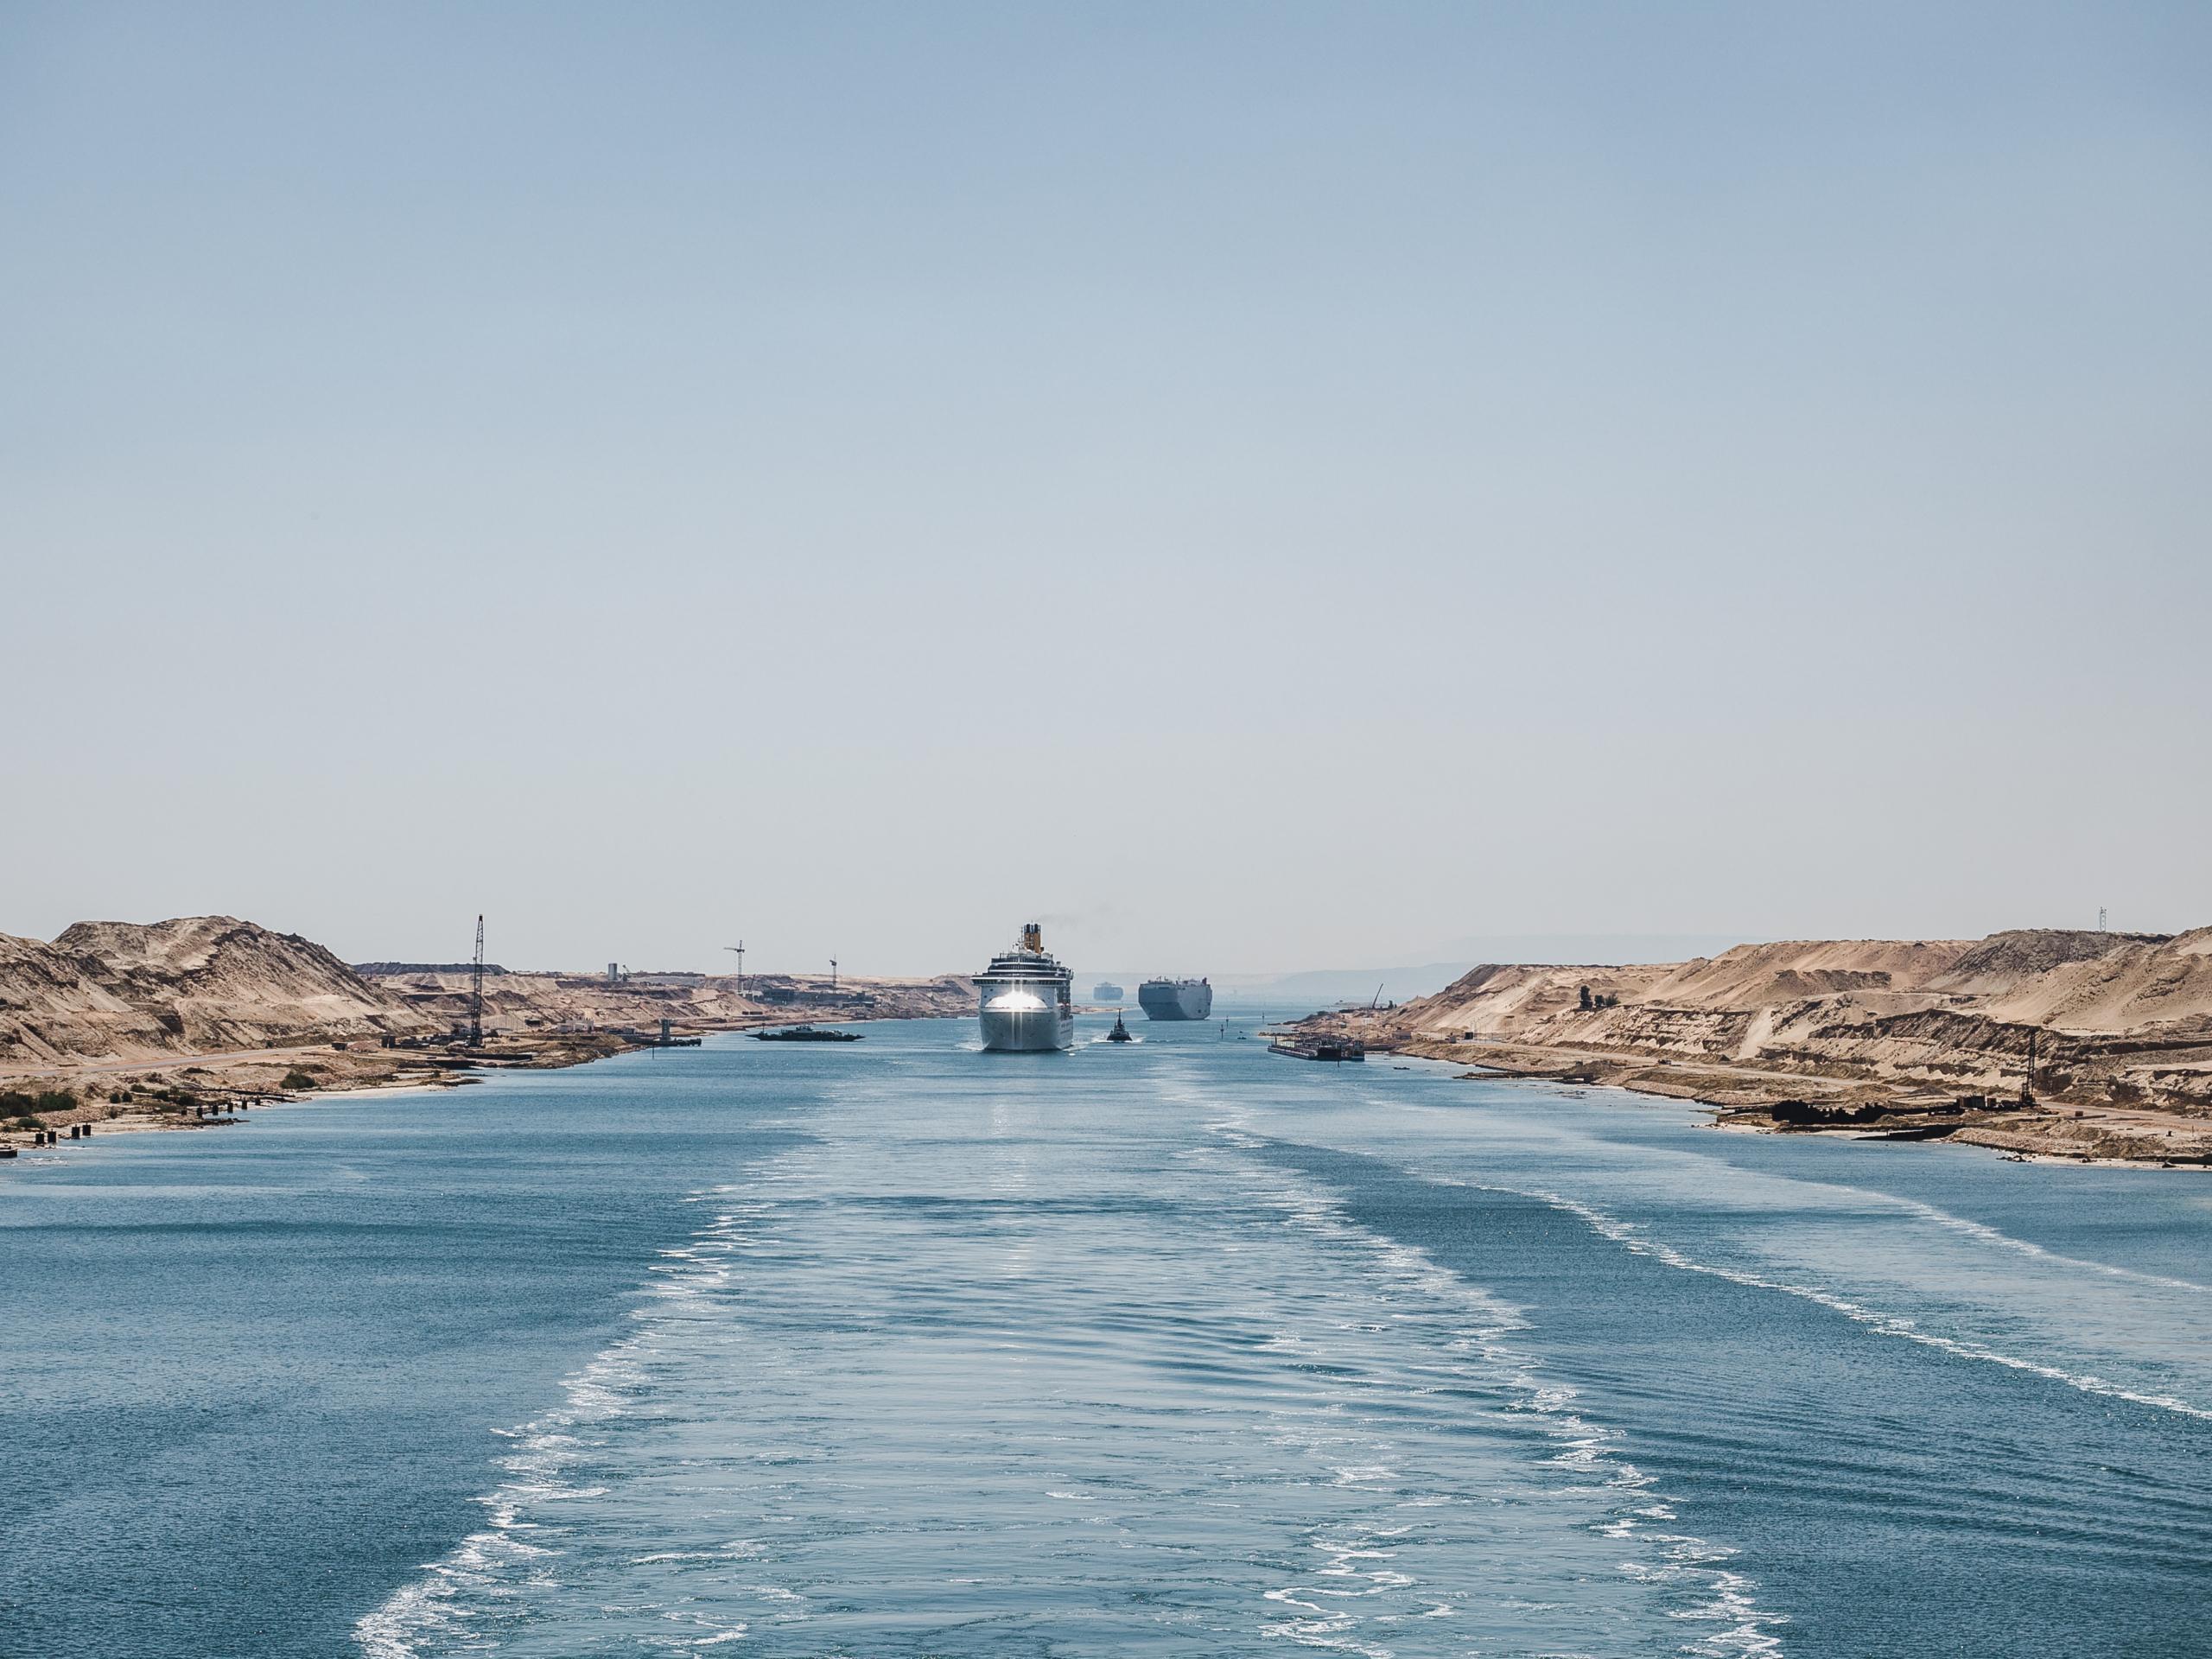 Desbloqueo canal de Suez